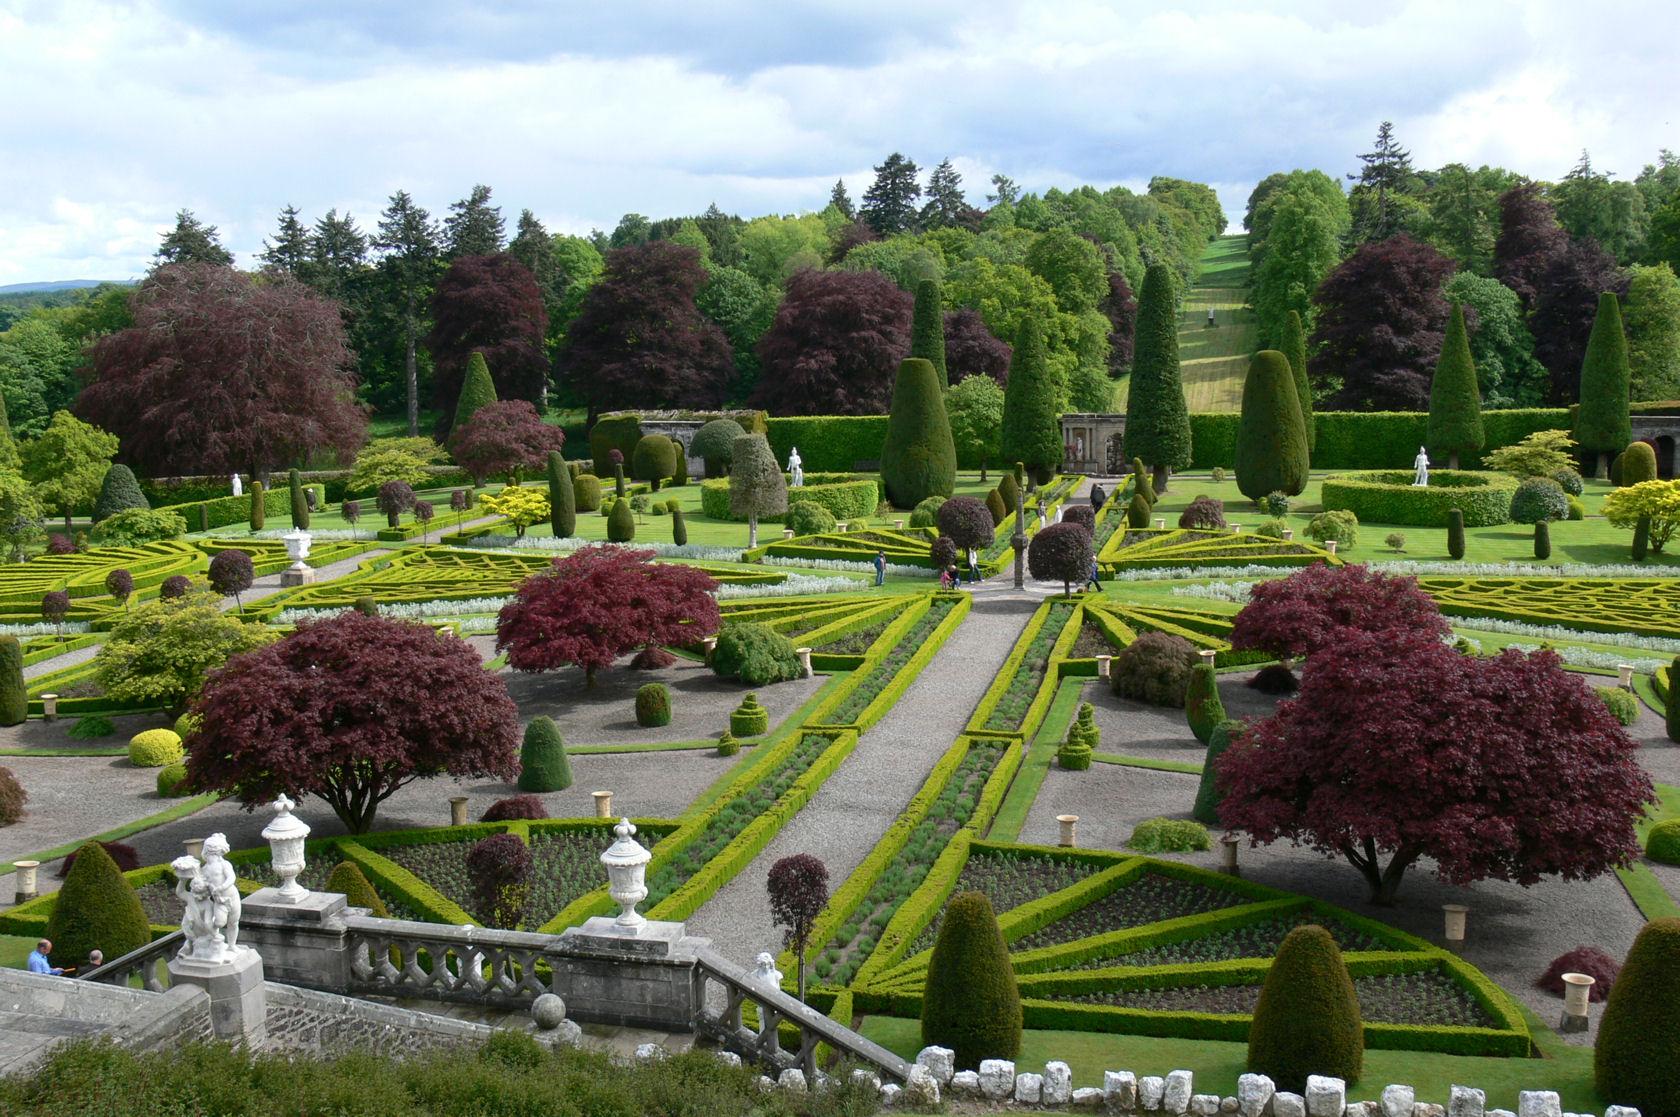 Feliz s gardens